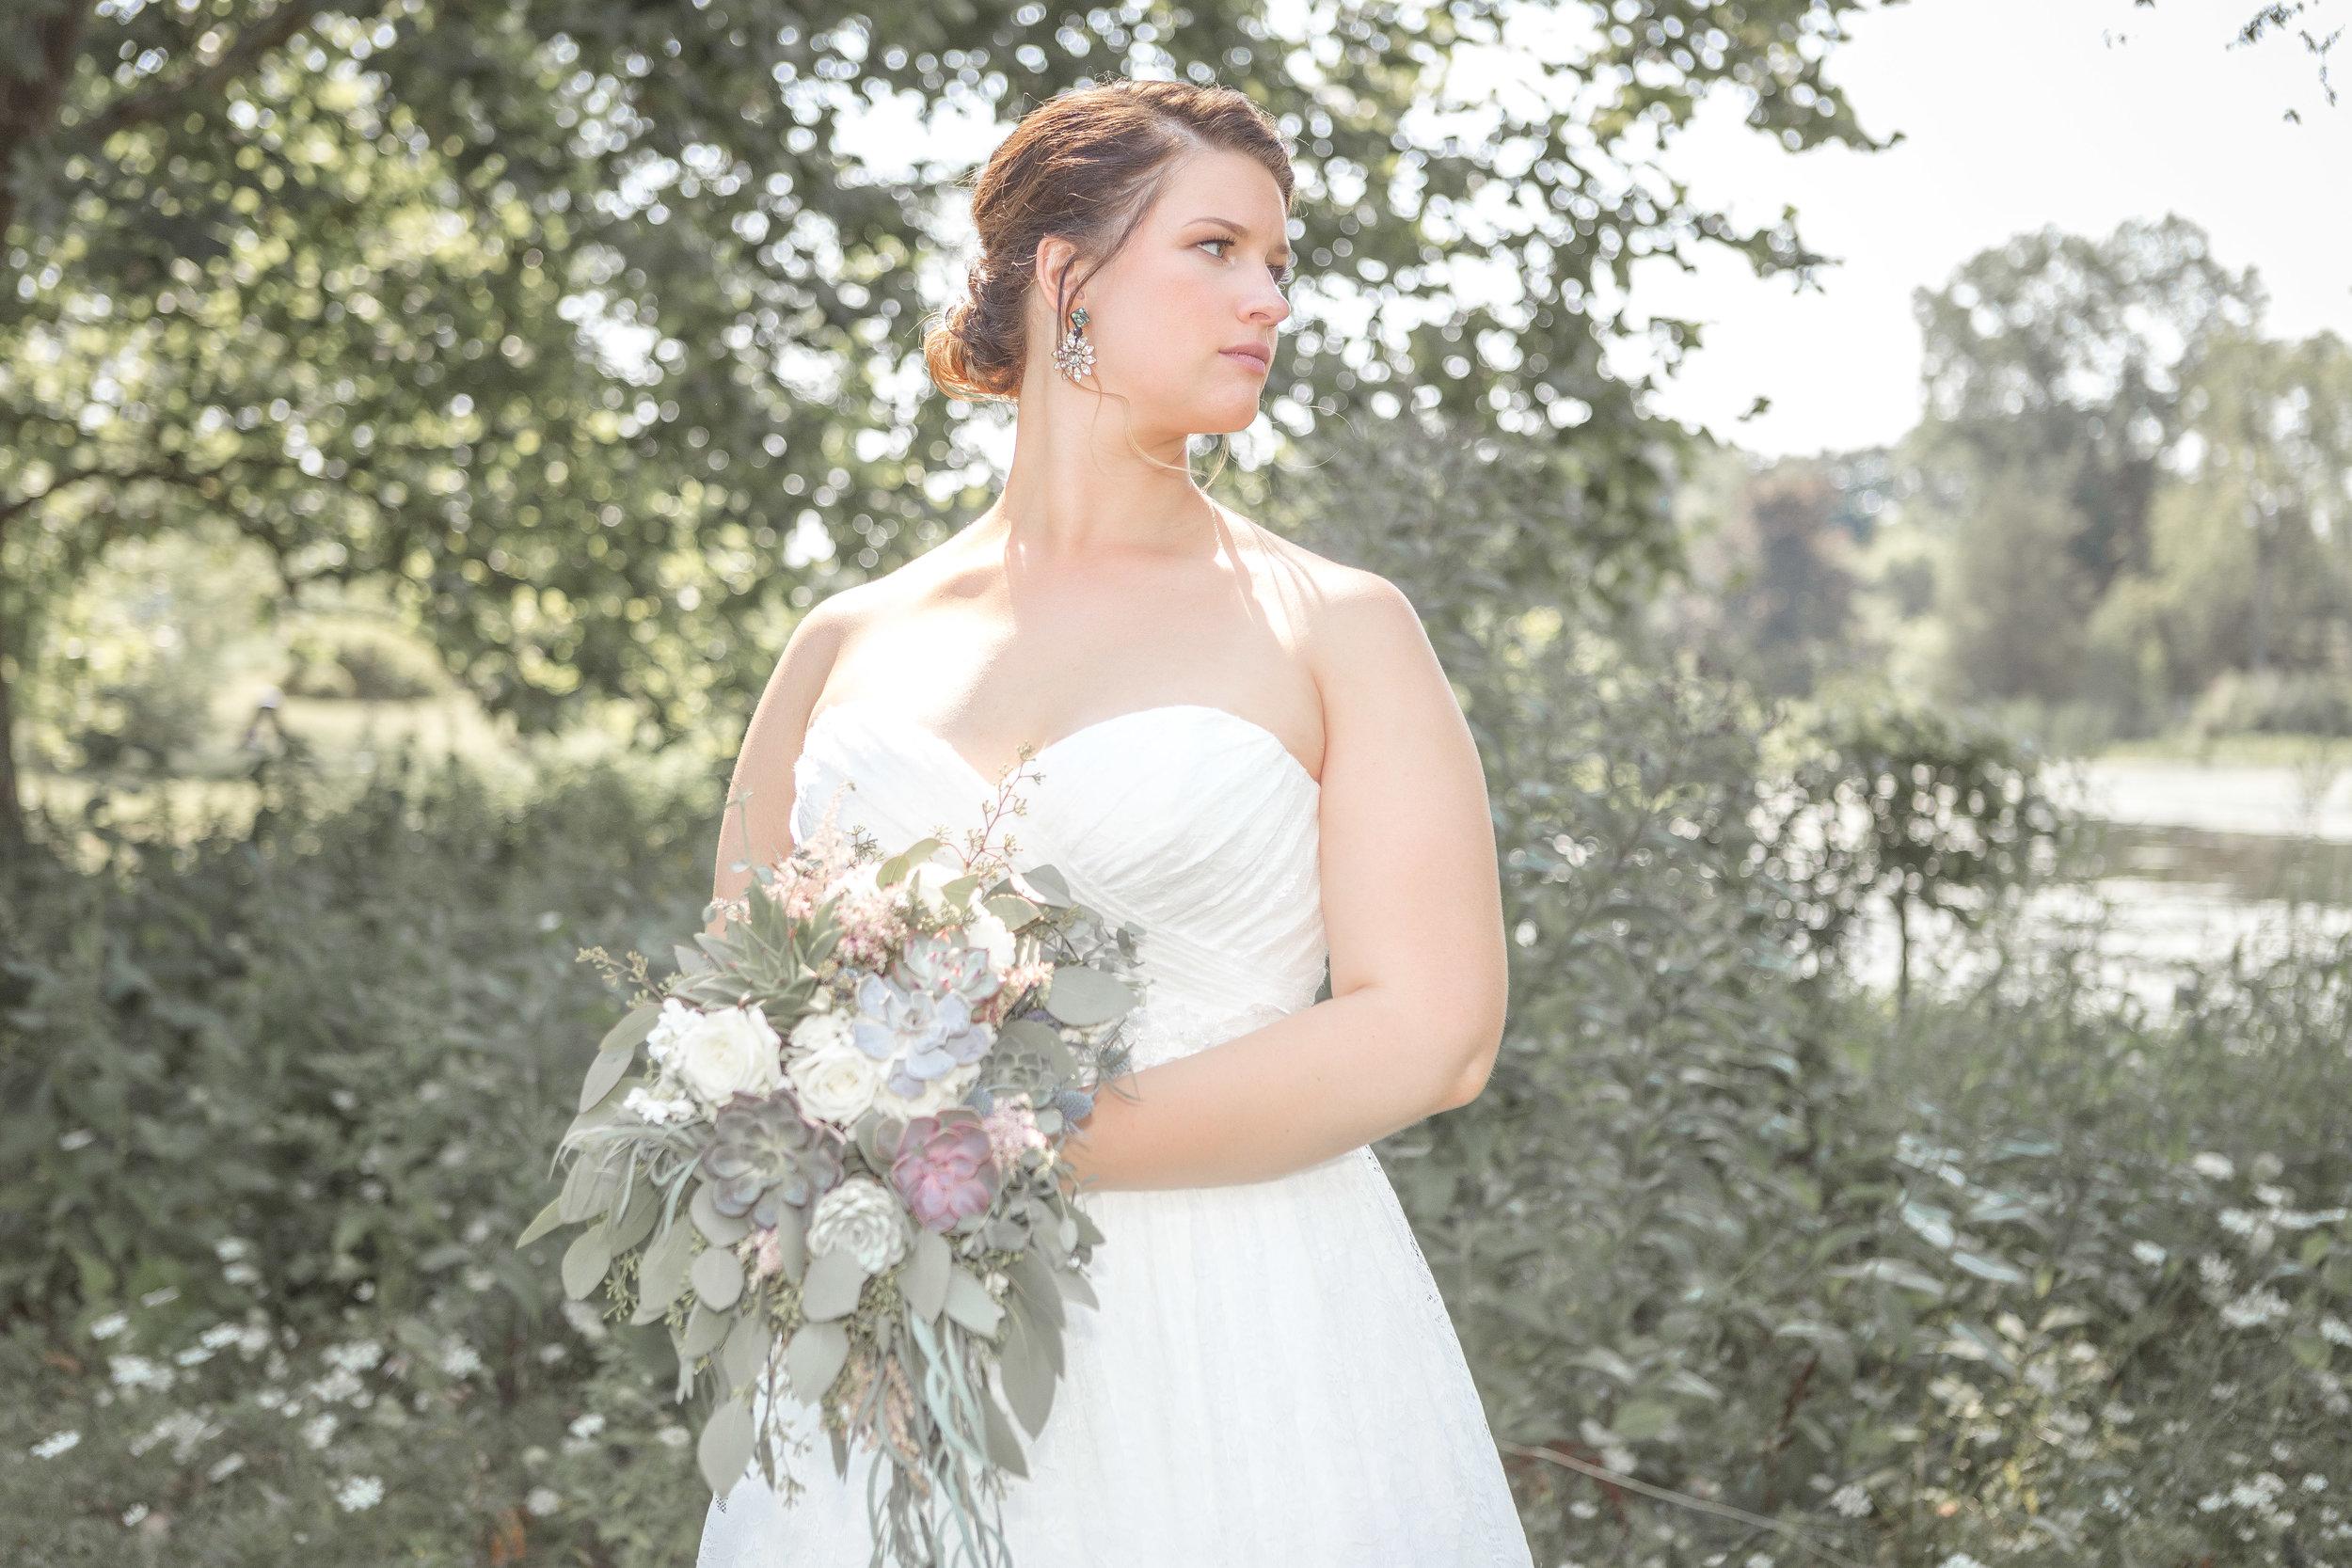 C_Wedding_Sarver, Alyssa & Scott_FOR BLOG-155.JPG